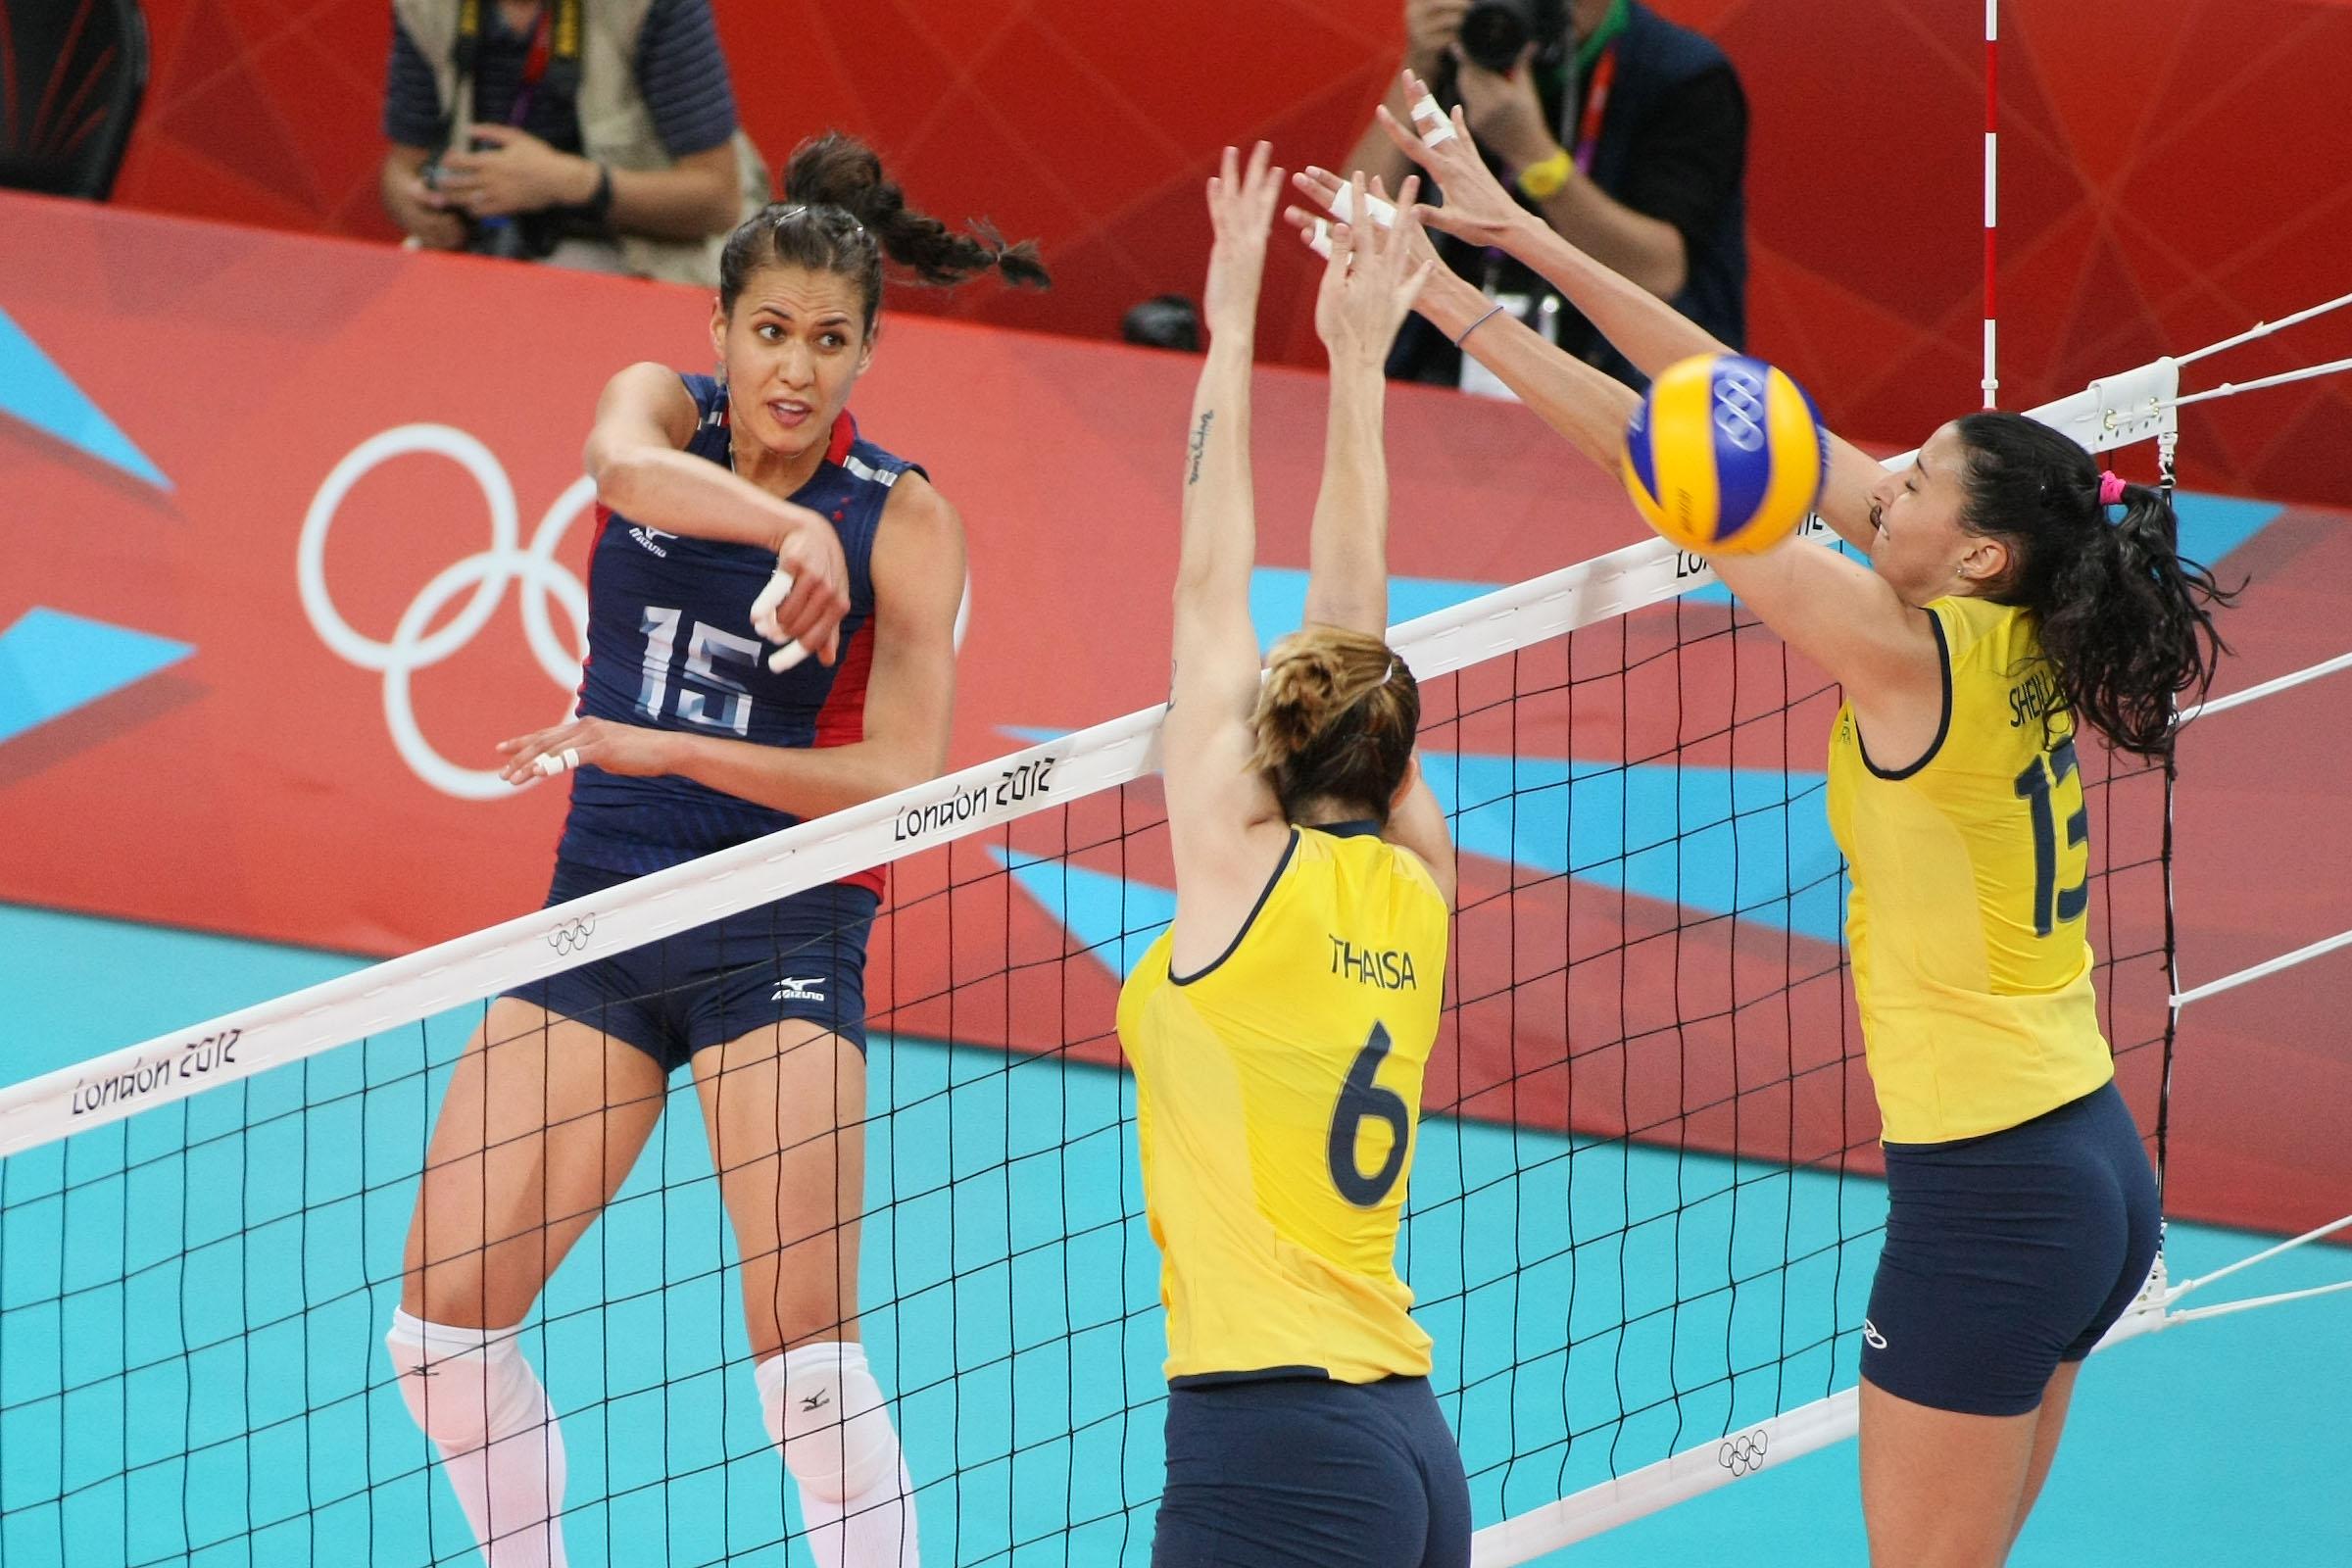 Womens Volleyball - Japan v Korea - Bronze Medal Match